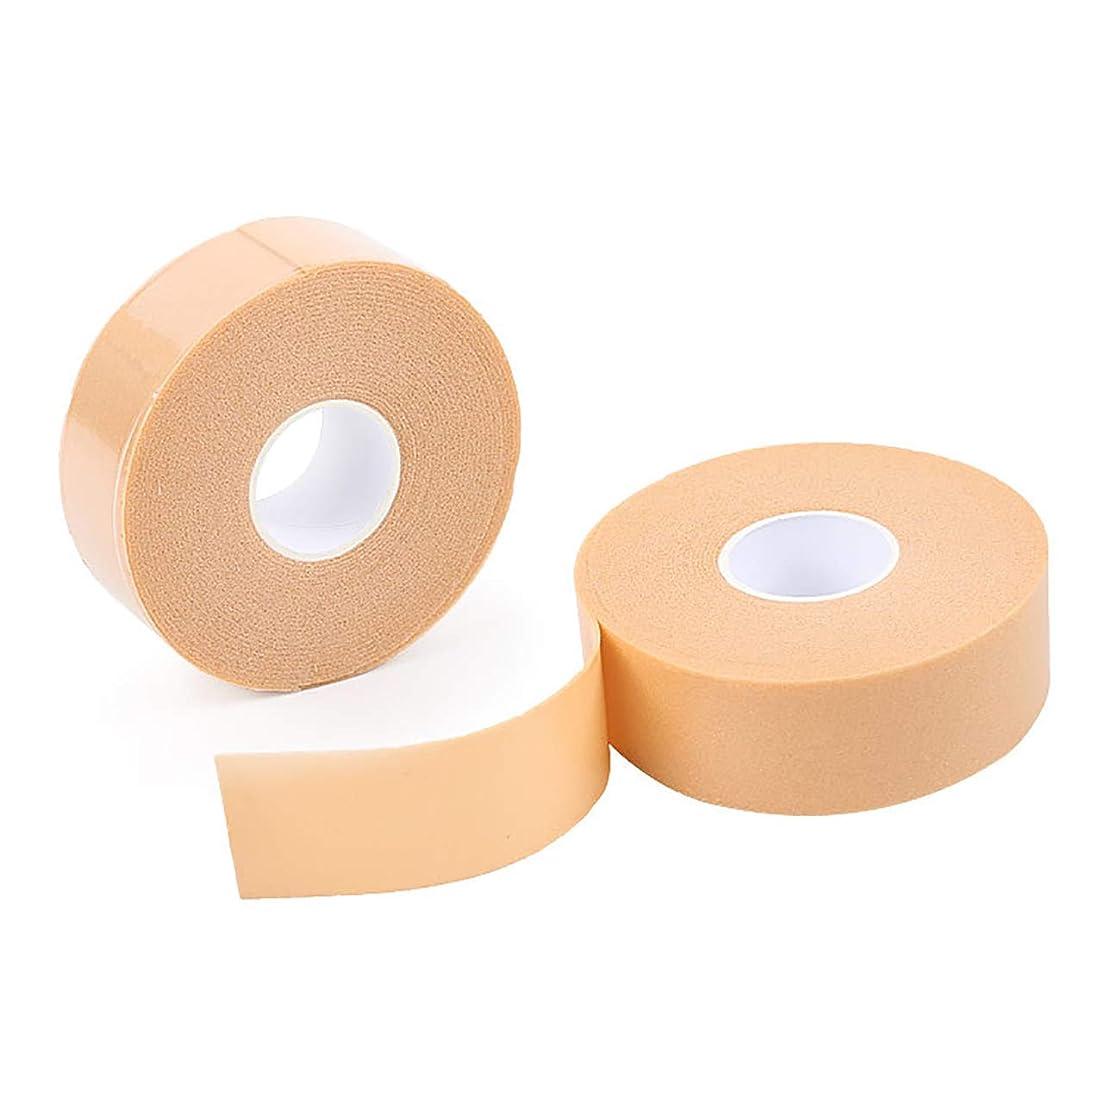 刺激する協力ウィンクHAMILO 保護テープ 靴ズレ かかと 足用パッド 傷テープ 厚手タイプ 手で切れる 滑り止め (4個セット)